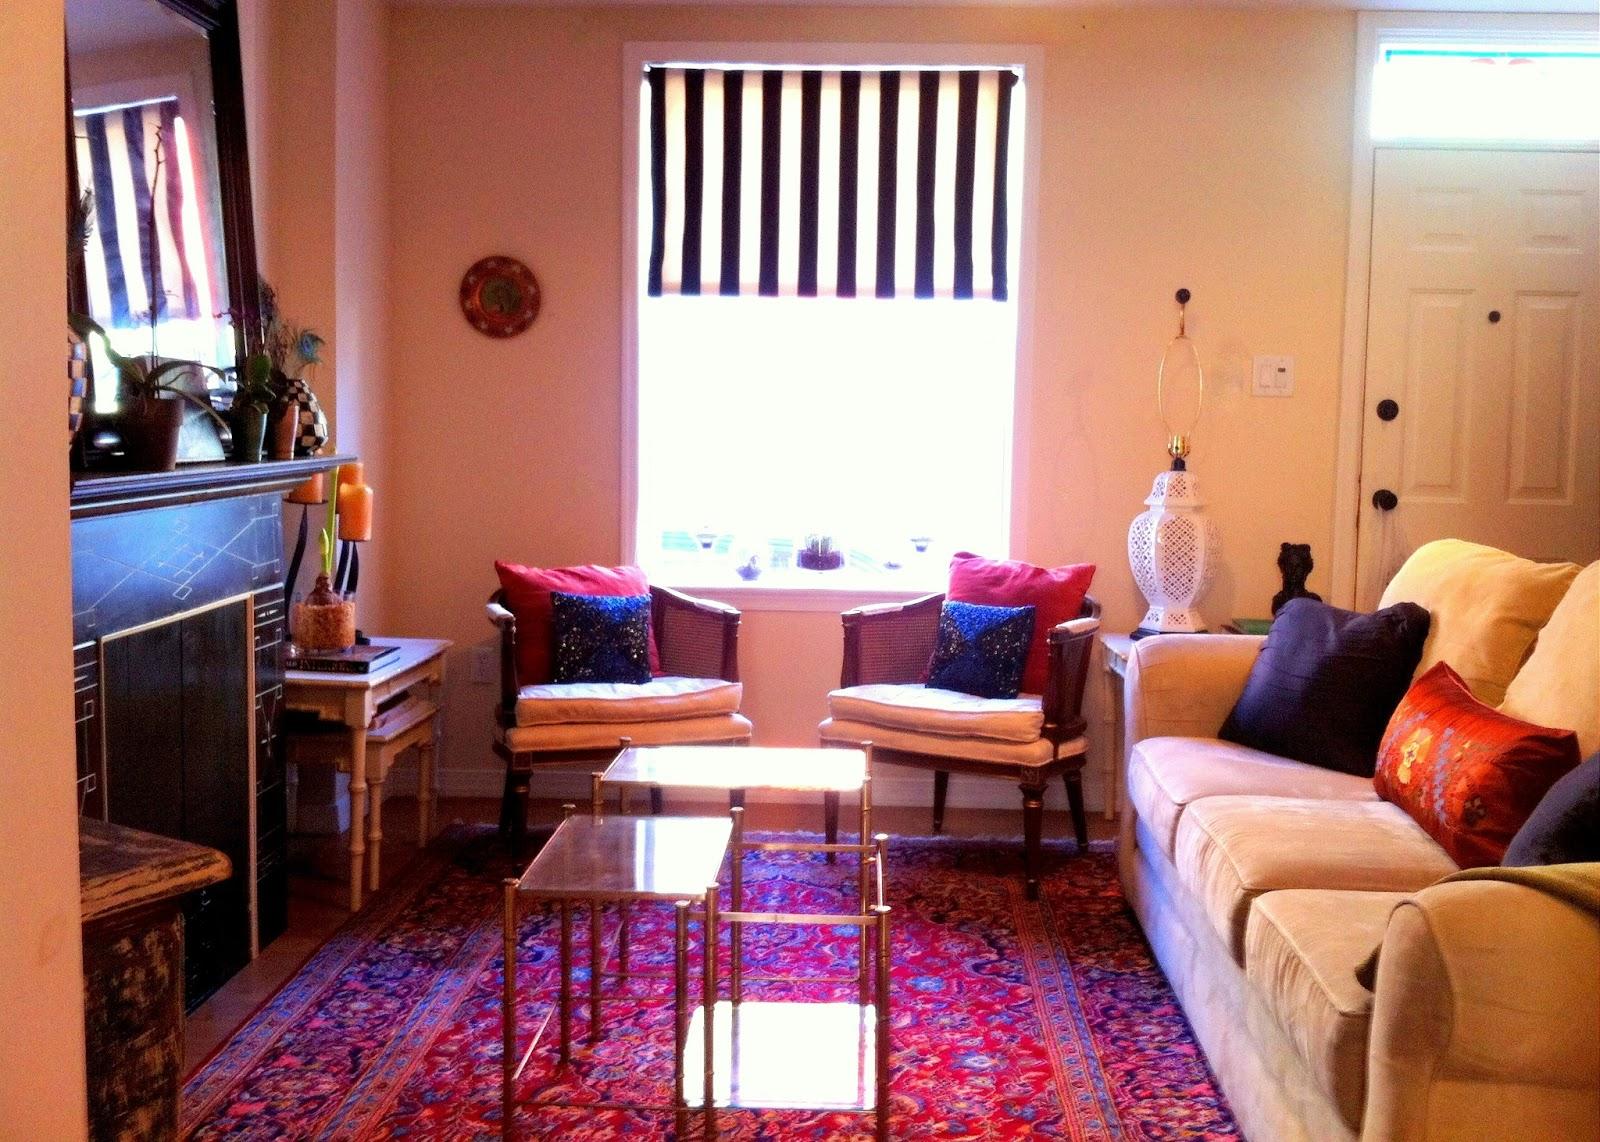 The Tiny Abode January 2013